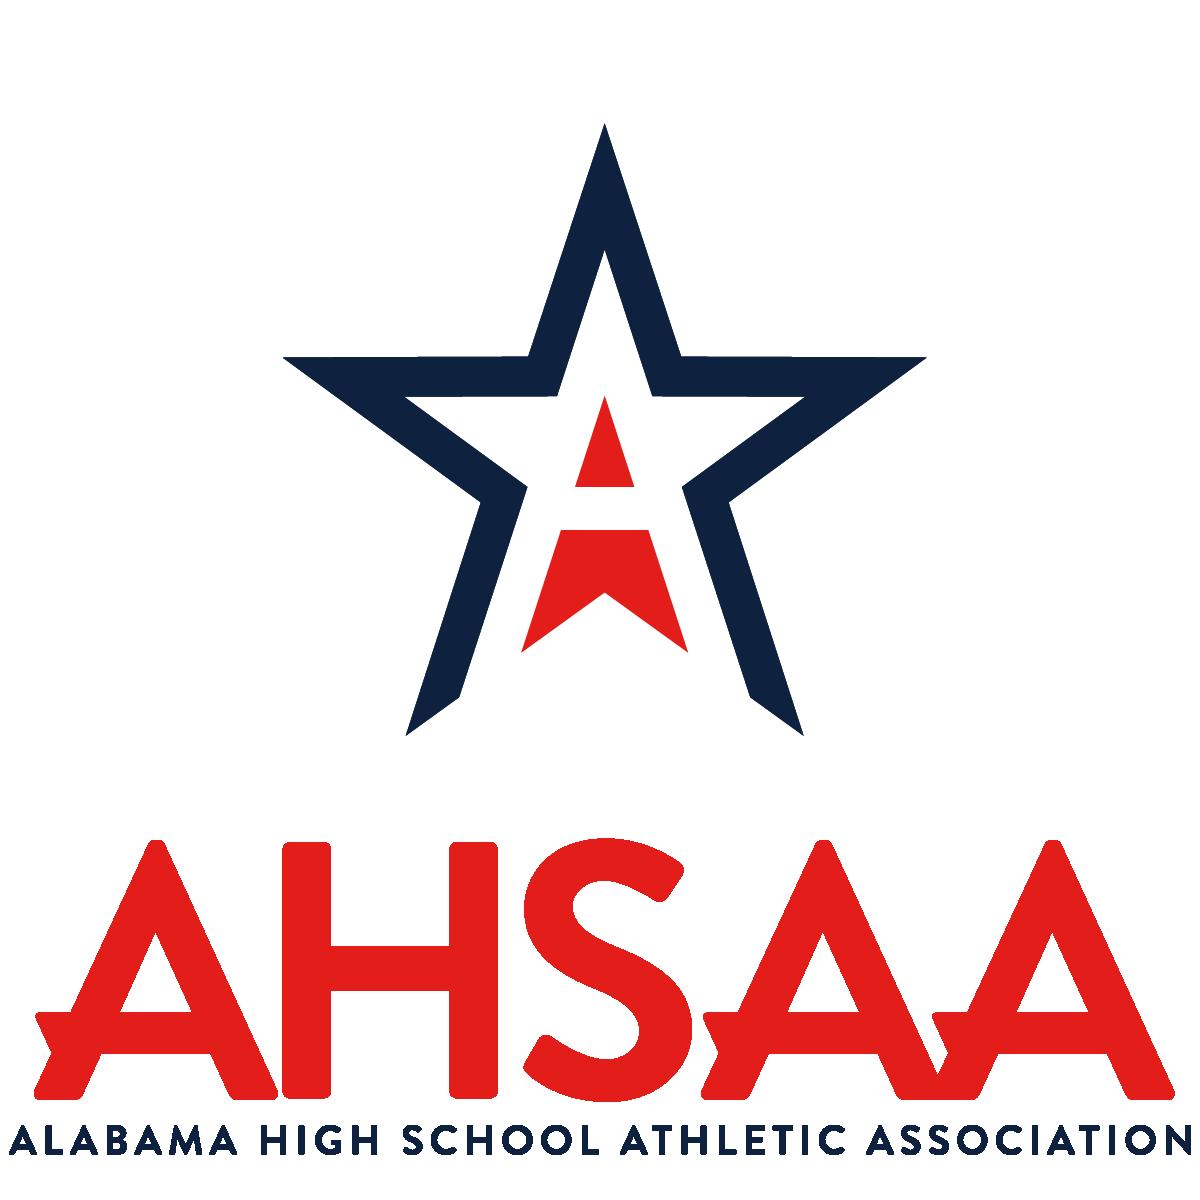 Alabama High School Athletic Association -